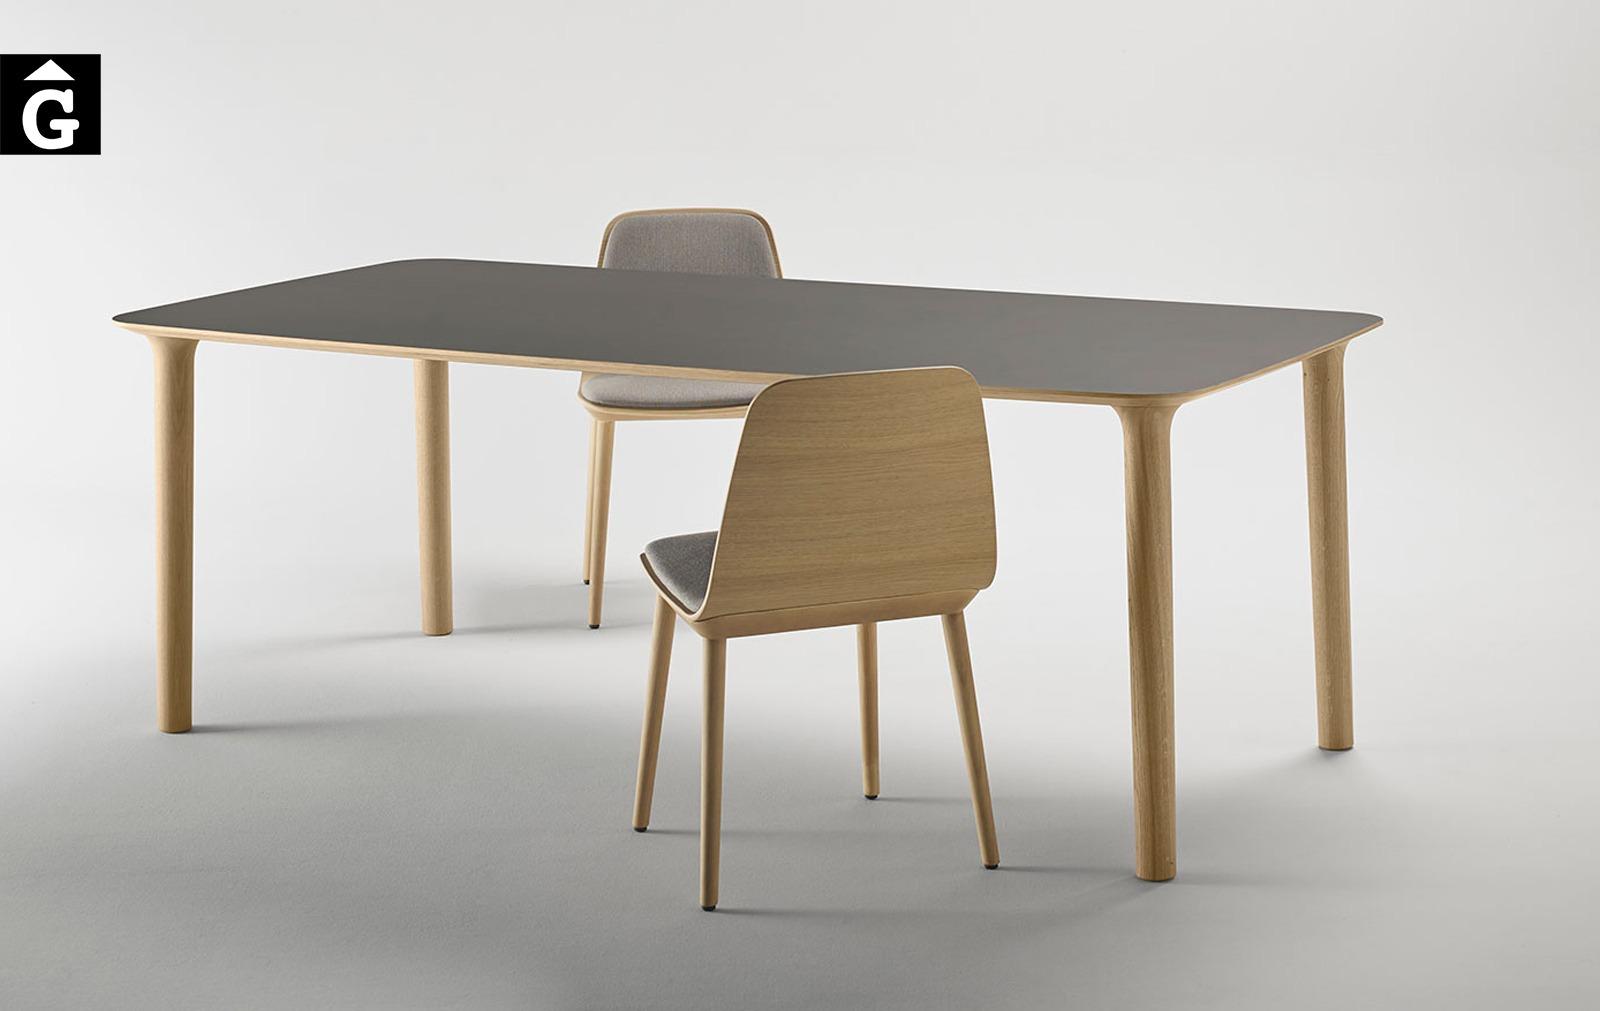 Taula rectangural Roll Studi Molina per Treku Home selecció Gifreu mobles